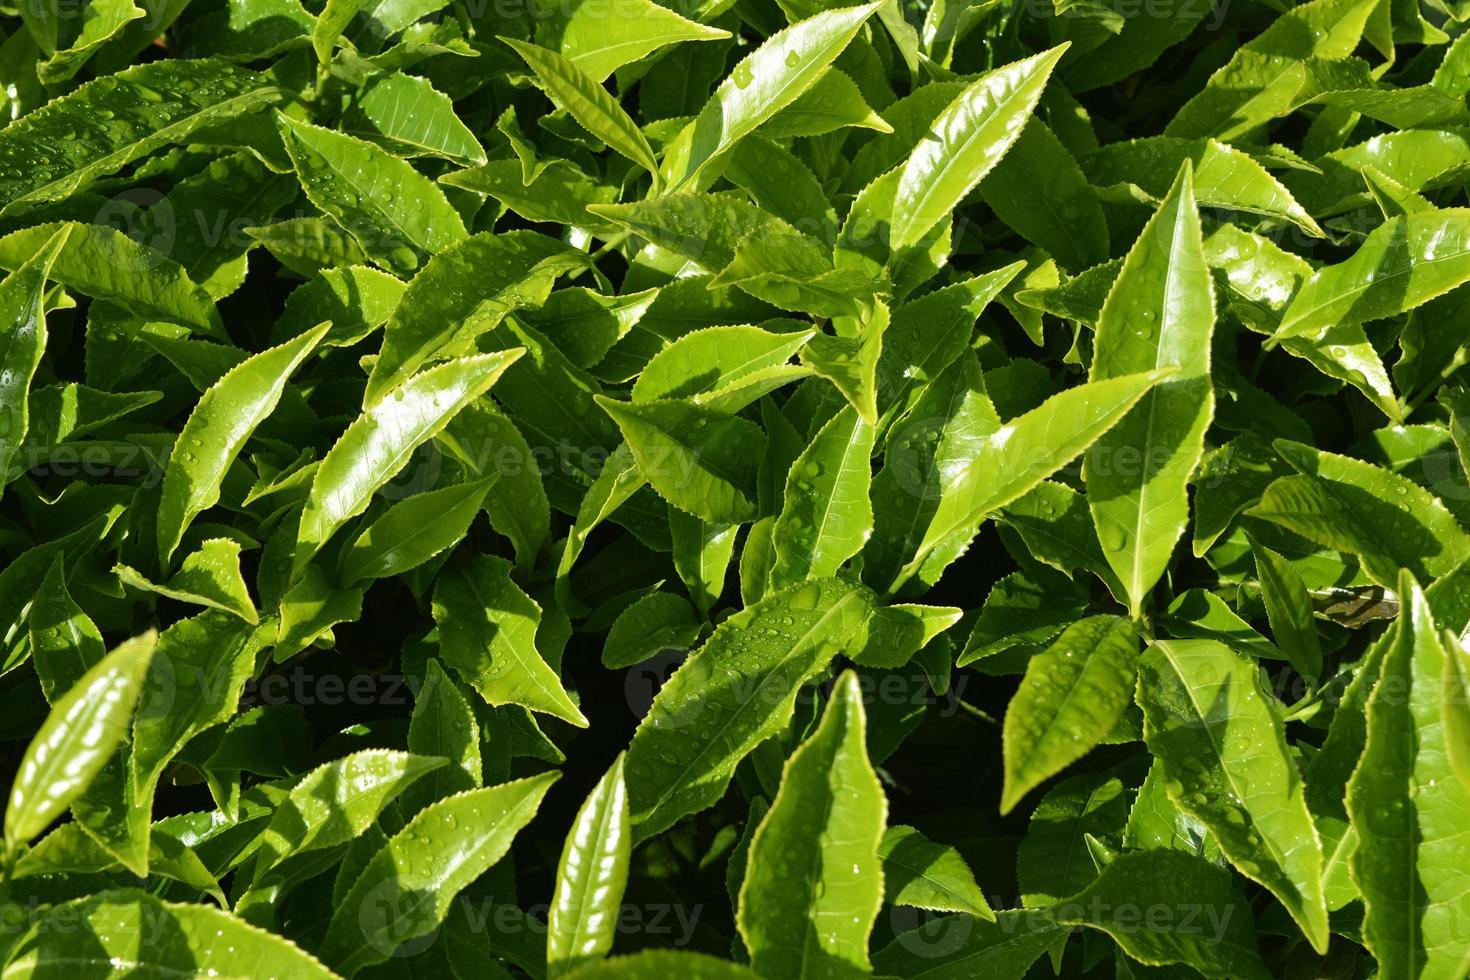 schließen Sie grüne Teeblätter foto